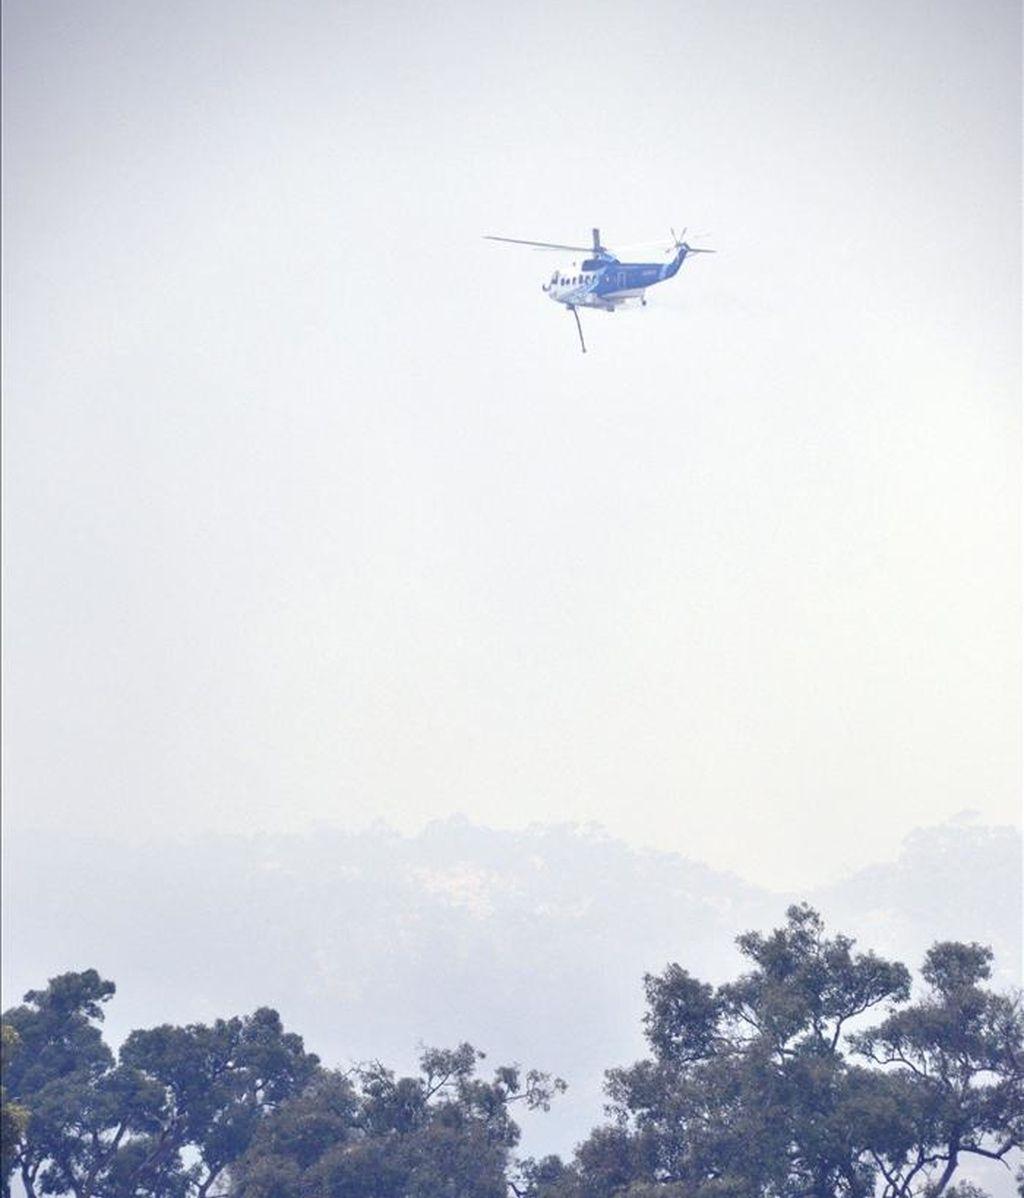 Un helicóptero lucha hoy contra el rápido avance de un incendio fuera de control cerca de Perth, ubicada en el estado de Australia Occidental. EFE